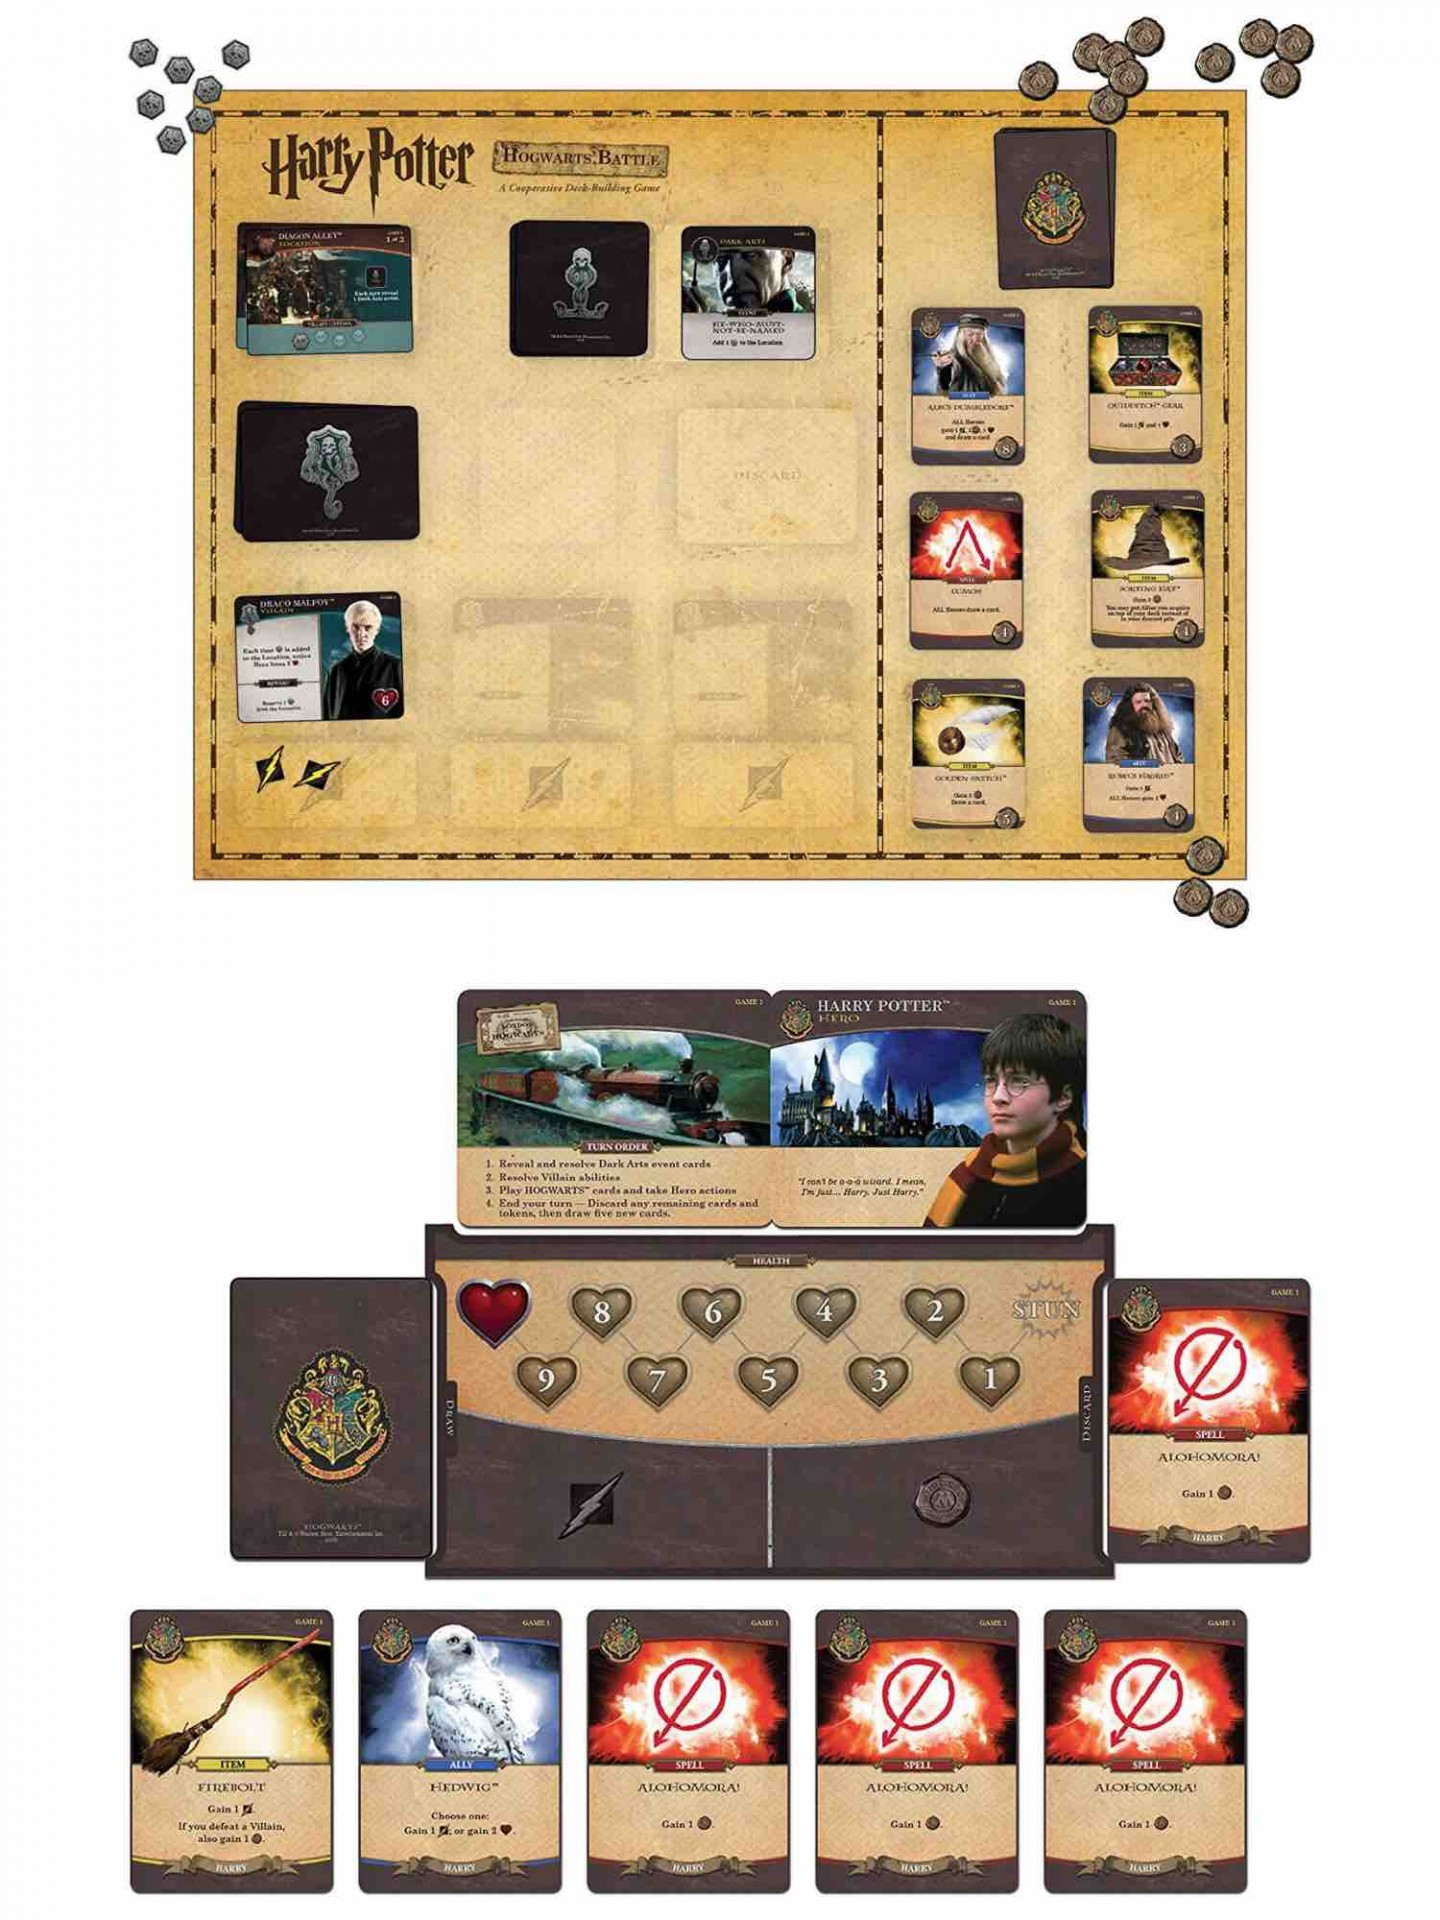 harry-potter-hogwarts-battle-cooperative-card-game-2